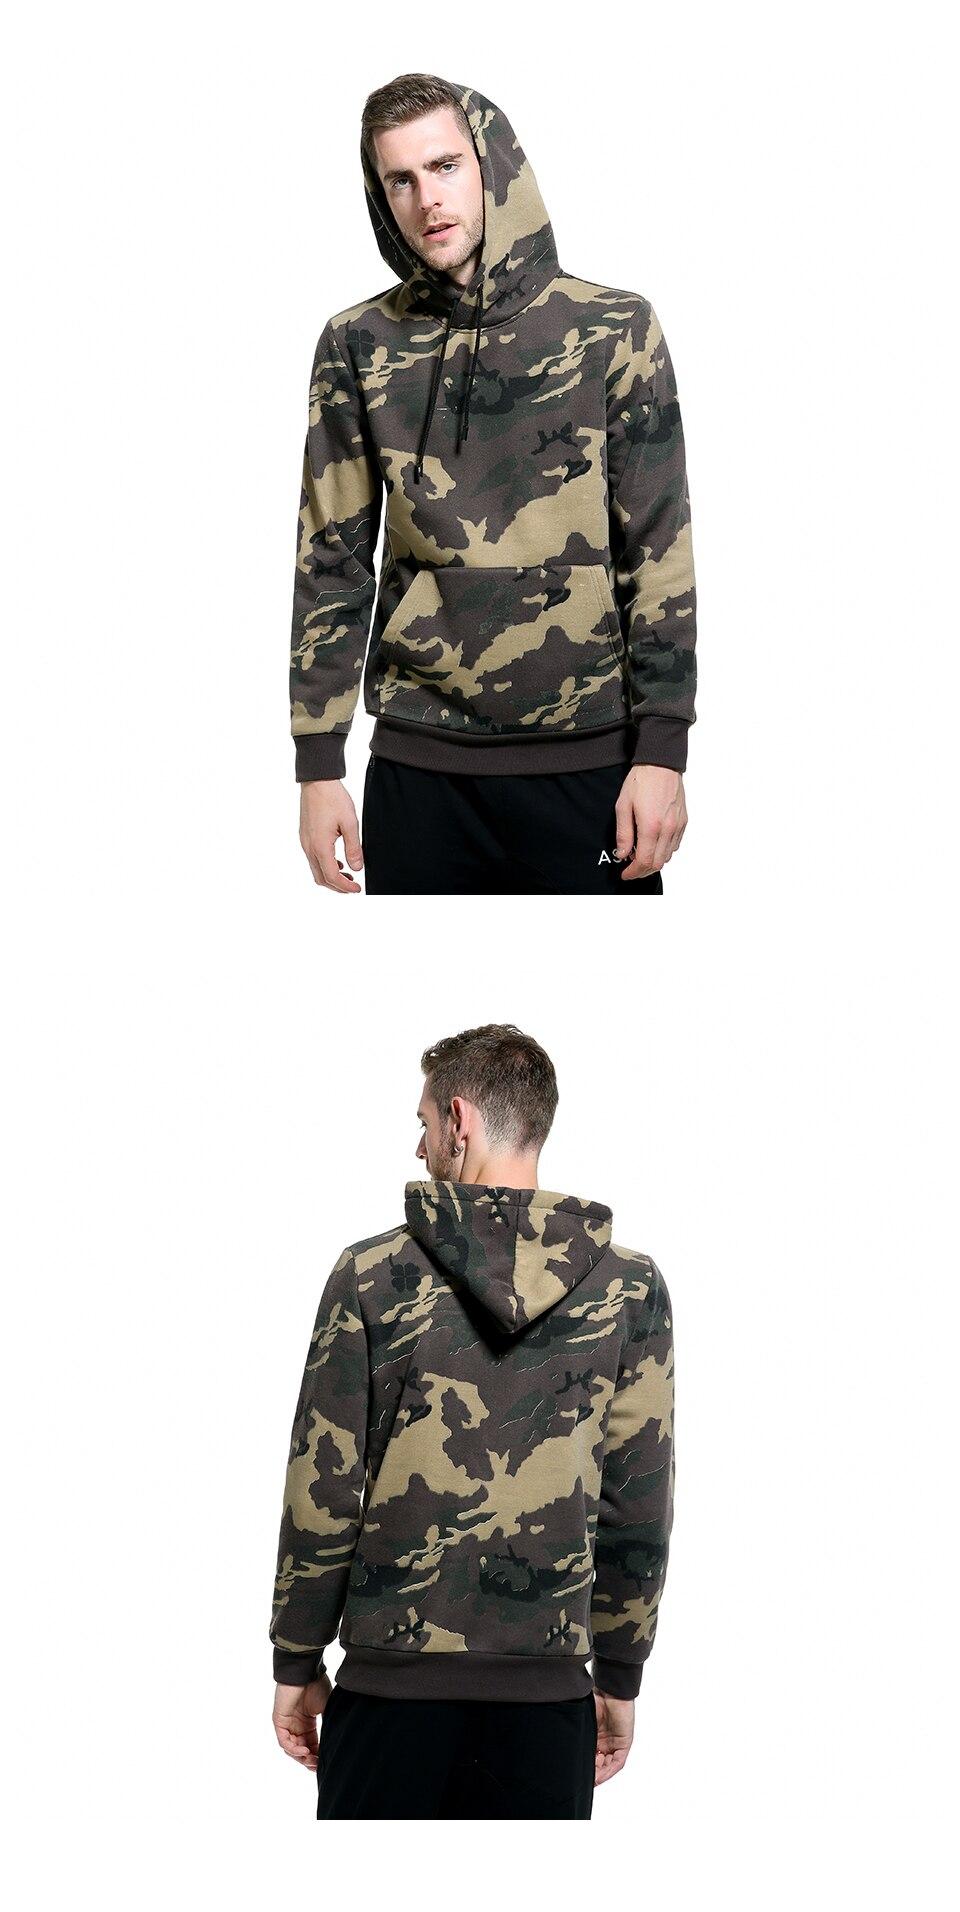 Großhandel Camo Hoodies Männer Tasche Mit Kapuze 2018 Herbst Winter Armee Grün Sweatshirt Herren Camouflage Fleece Hoodie Männlich Hip Hop Von